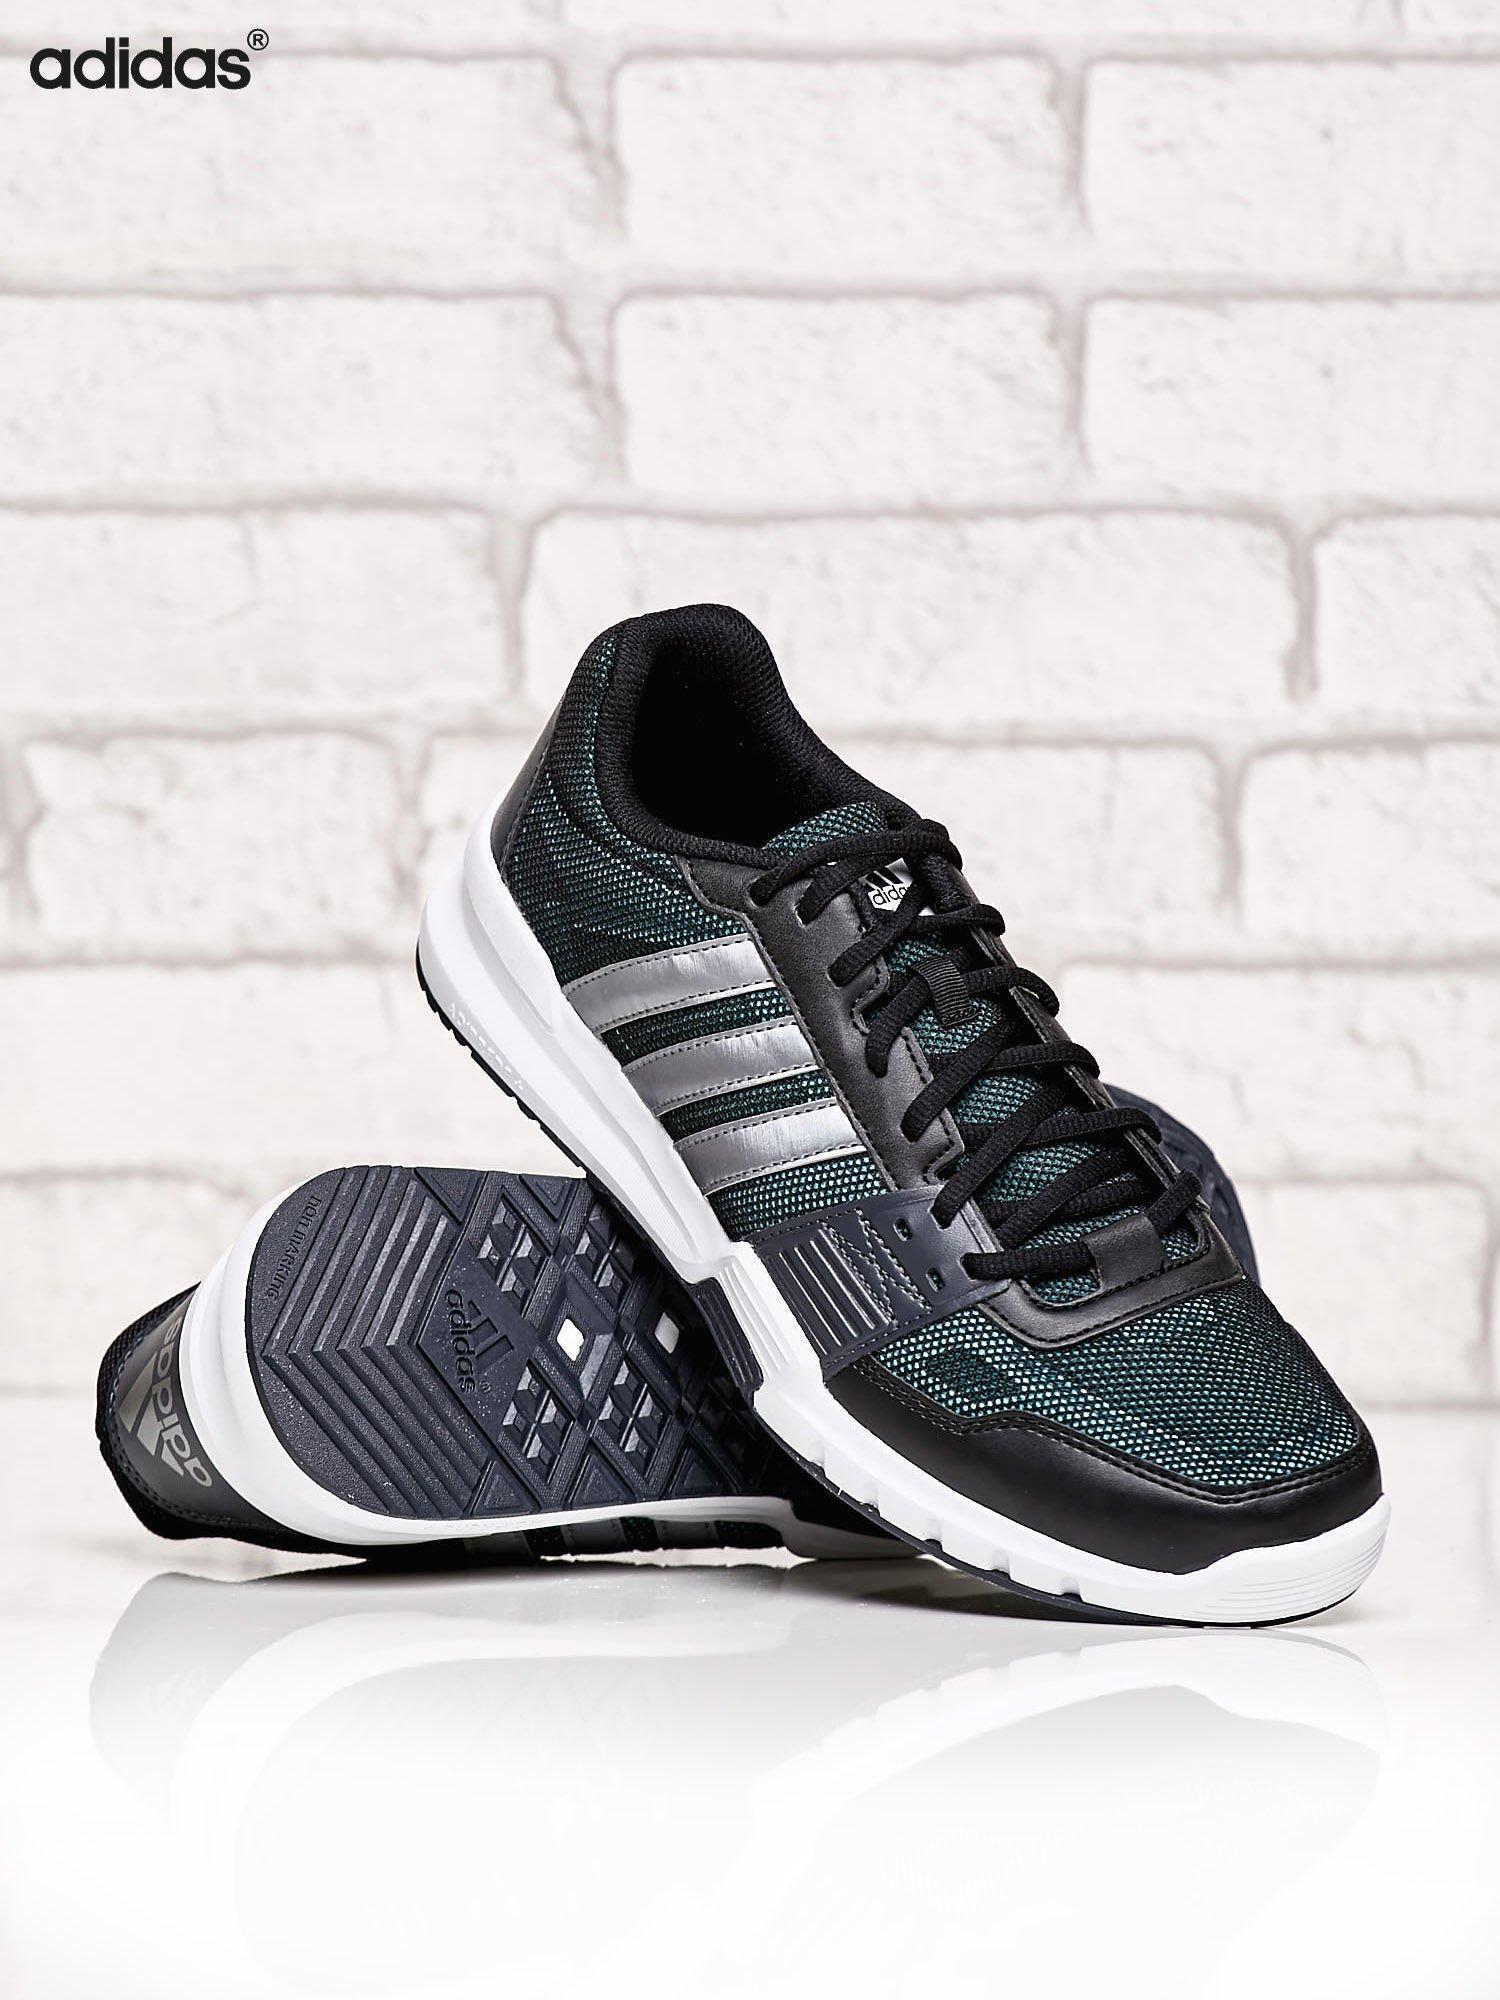 b8825a445381b 2 · ADIDAS czarne buty męskie Essential Star 2 sportowe z siateczką ...